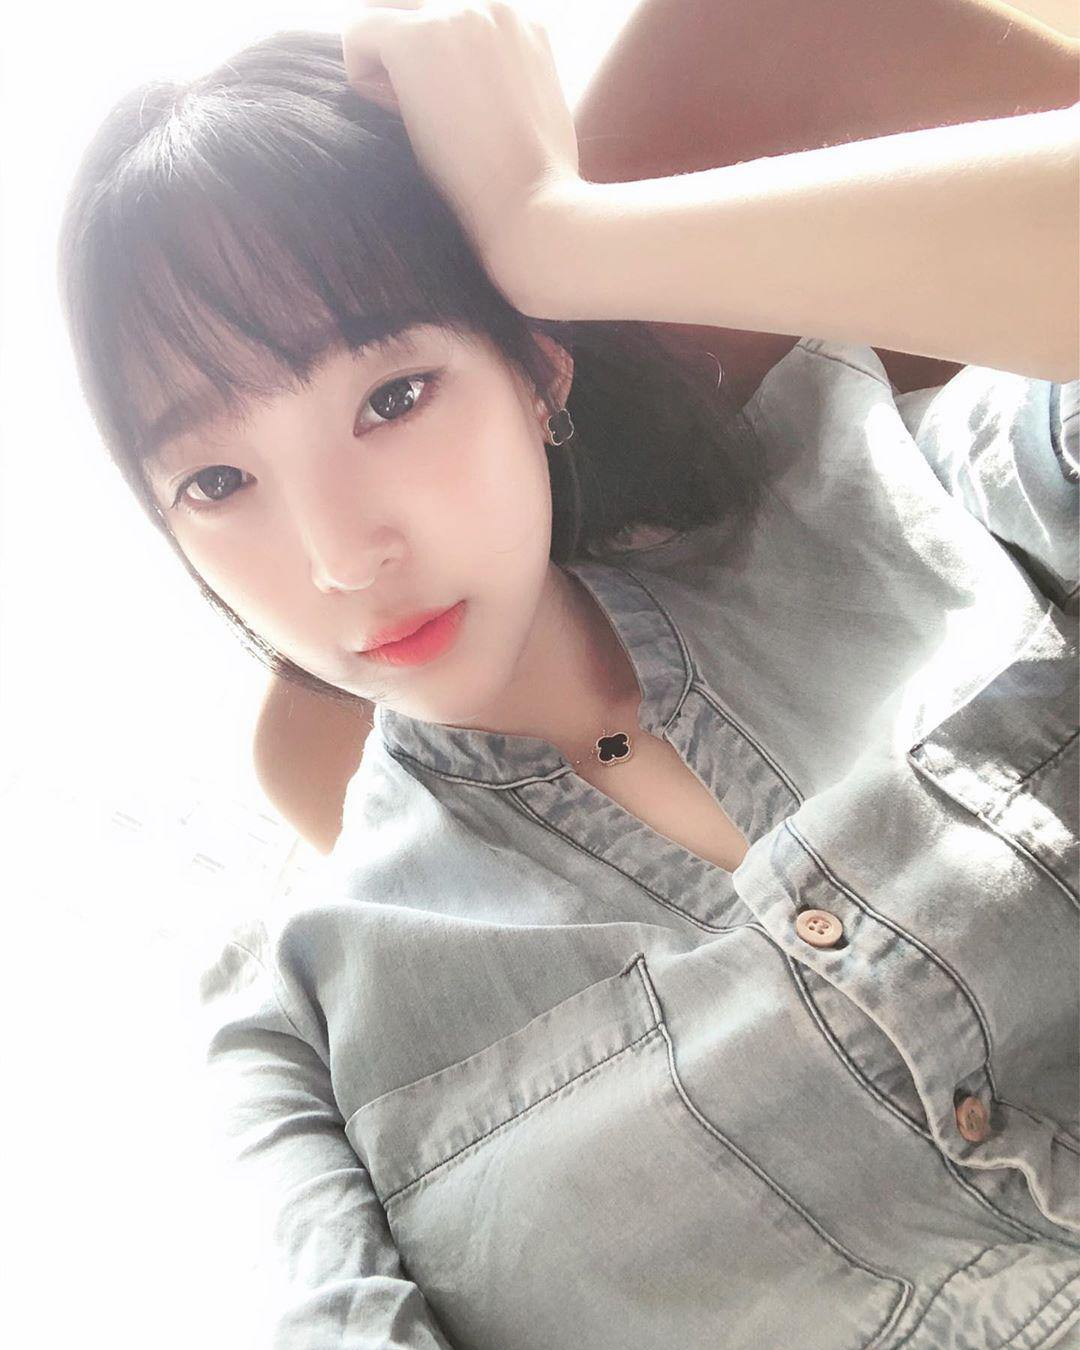 【网红自拍】韩国网红童颜巨乳Ebichu姜仁卿(ins:inkyung97)